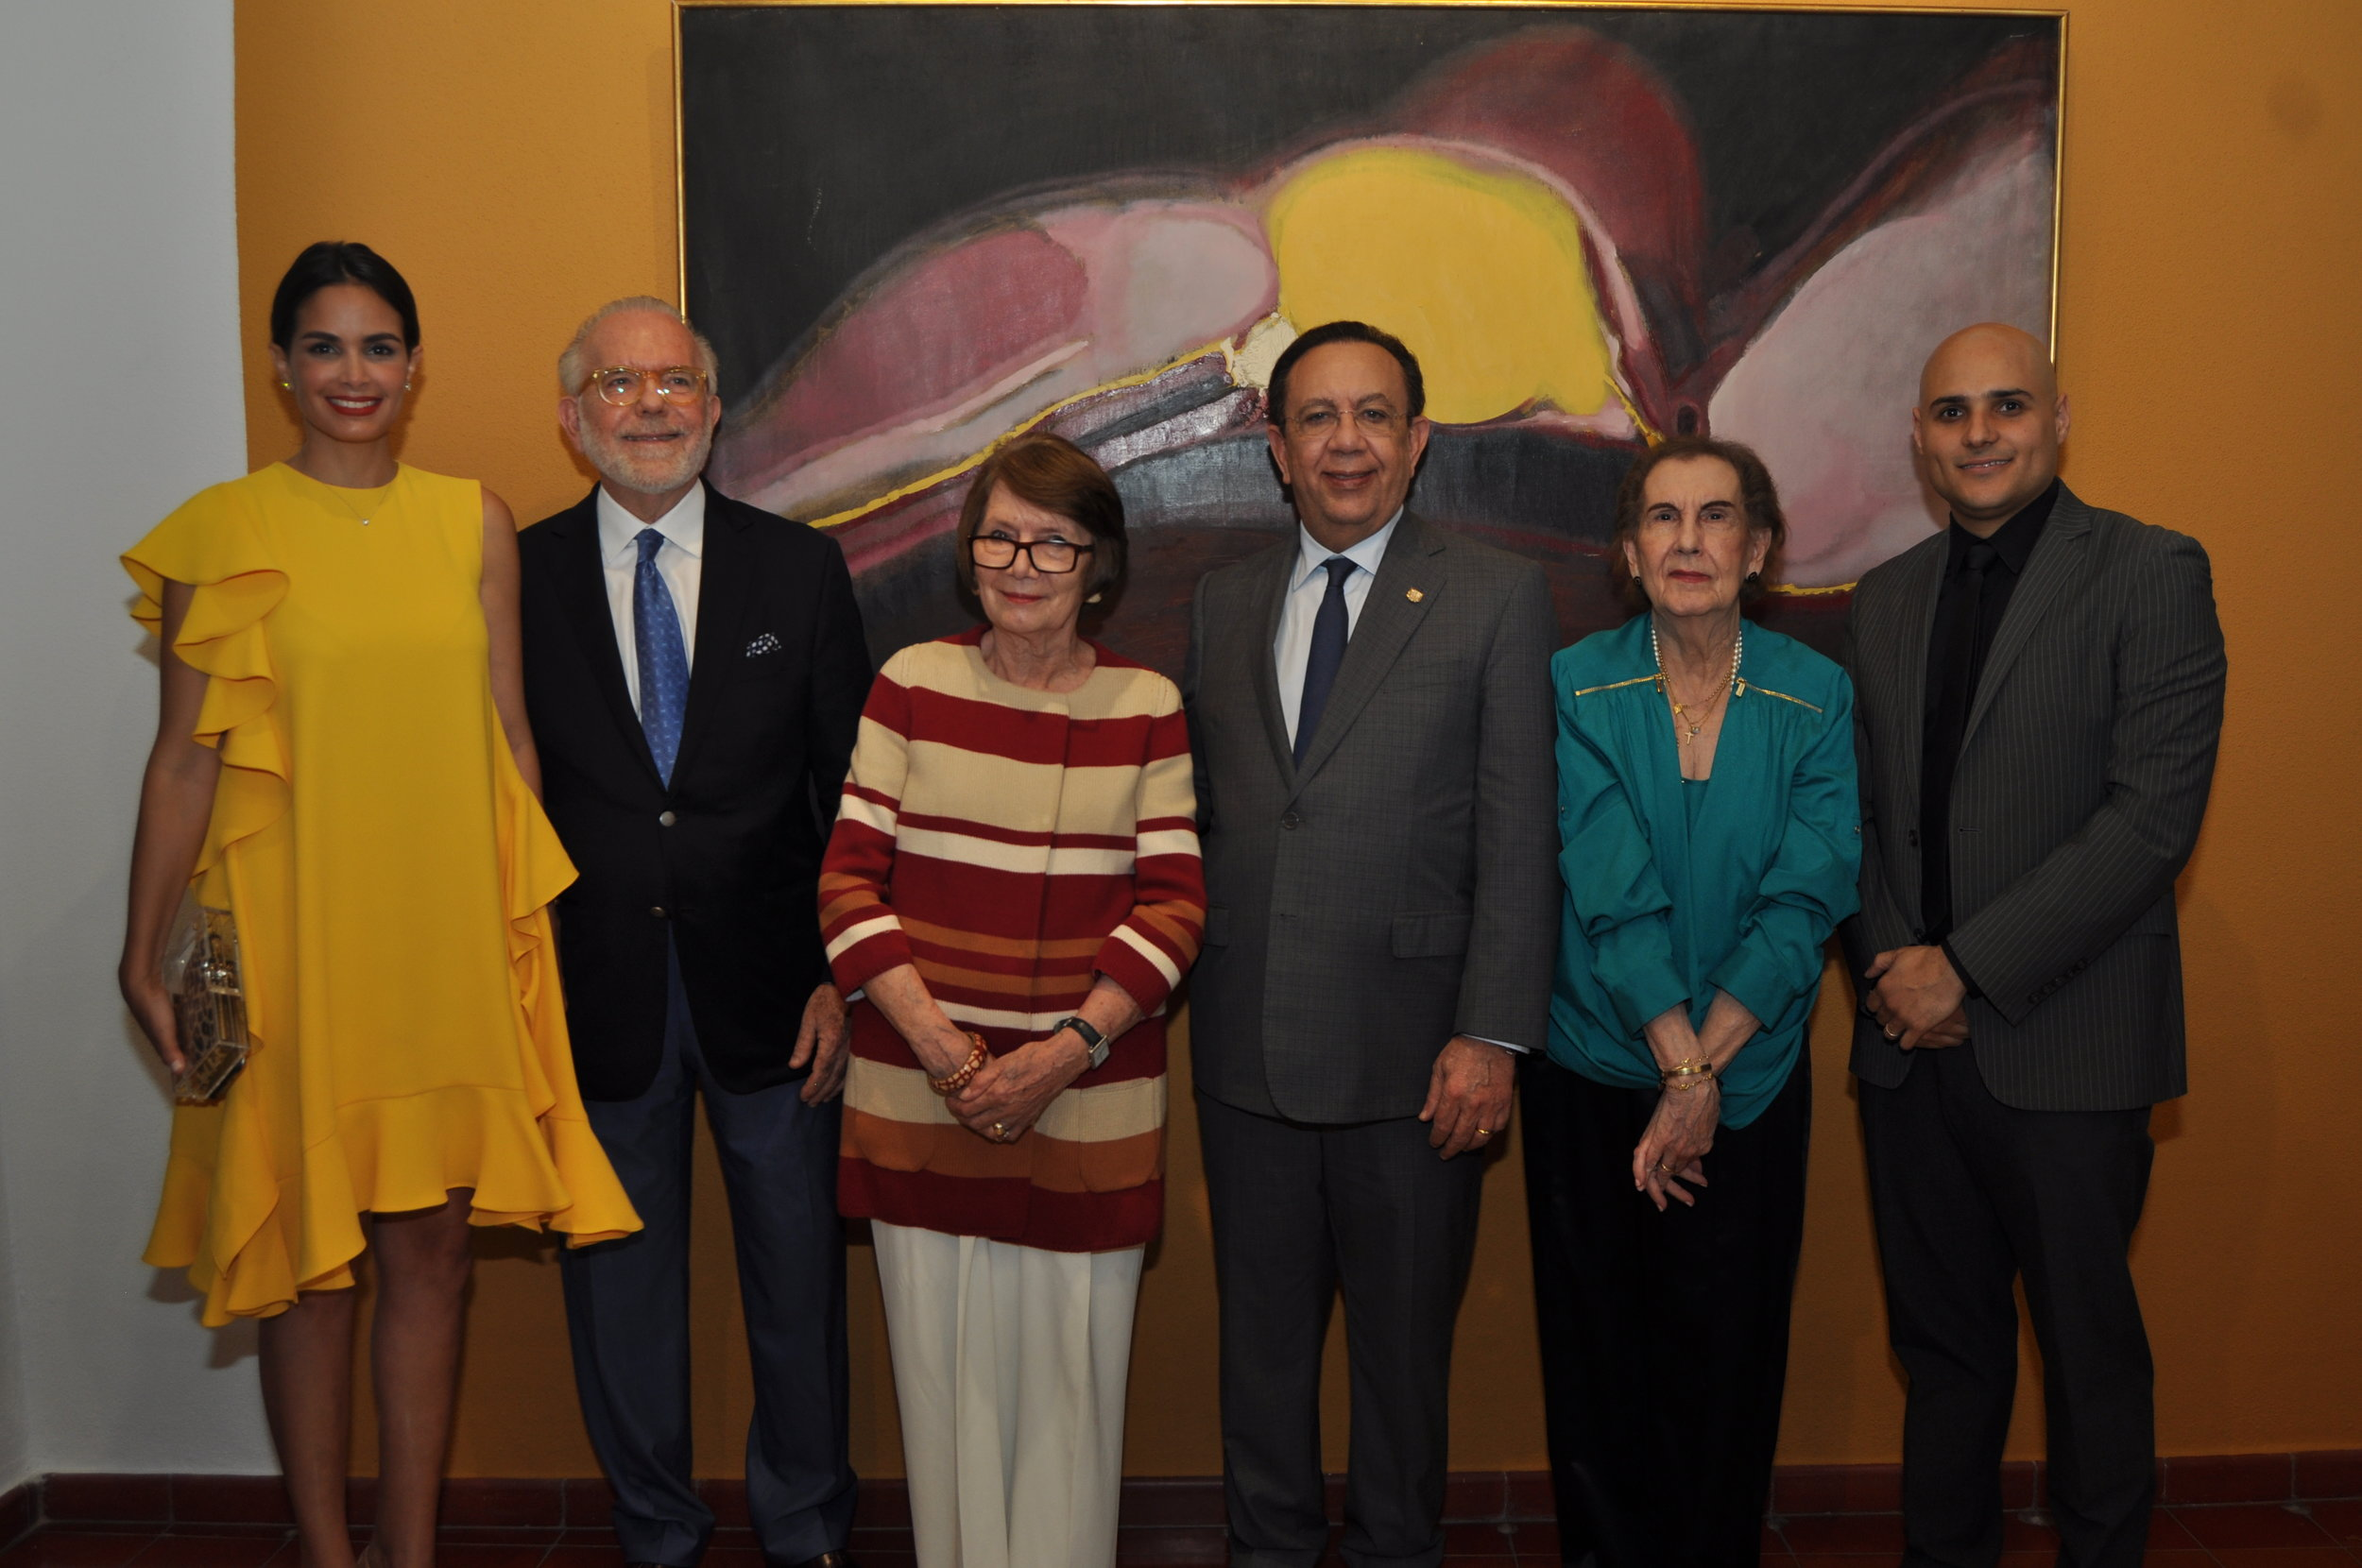 Judith Cury, George Manuel Hazoury Peña, Marianne De Tolentino, Héctor Valdez Albizu, Elsa Peña de Hazoury y Alex Martínez Suarez.JPG